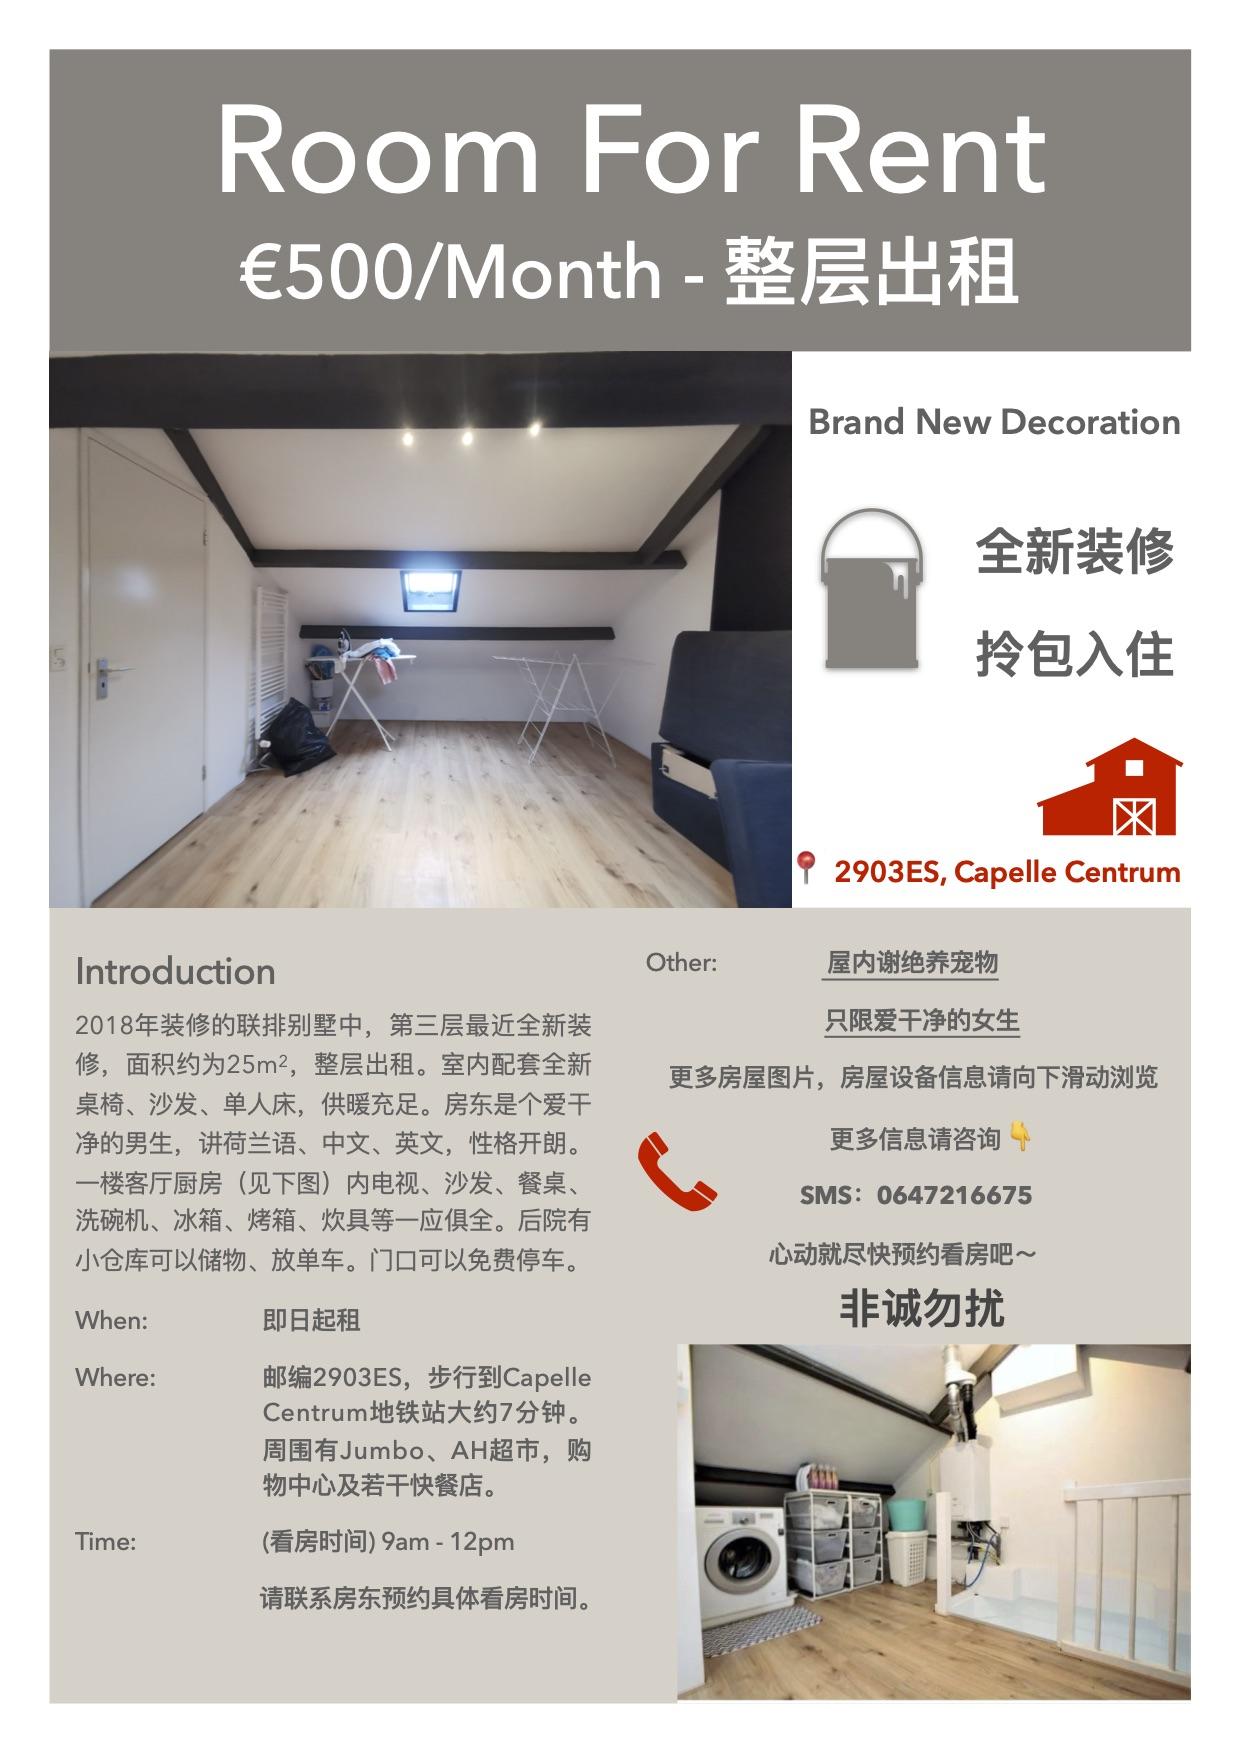 Room For Rent.jpg